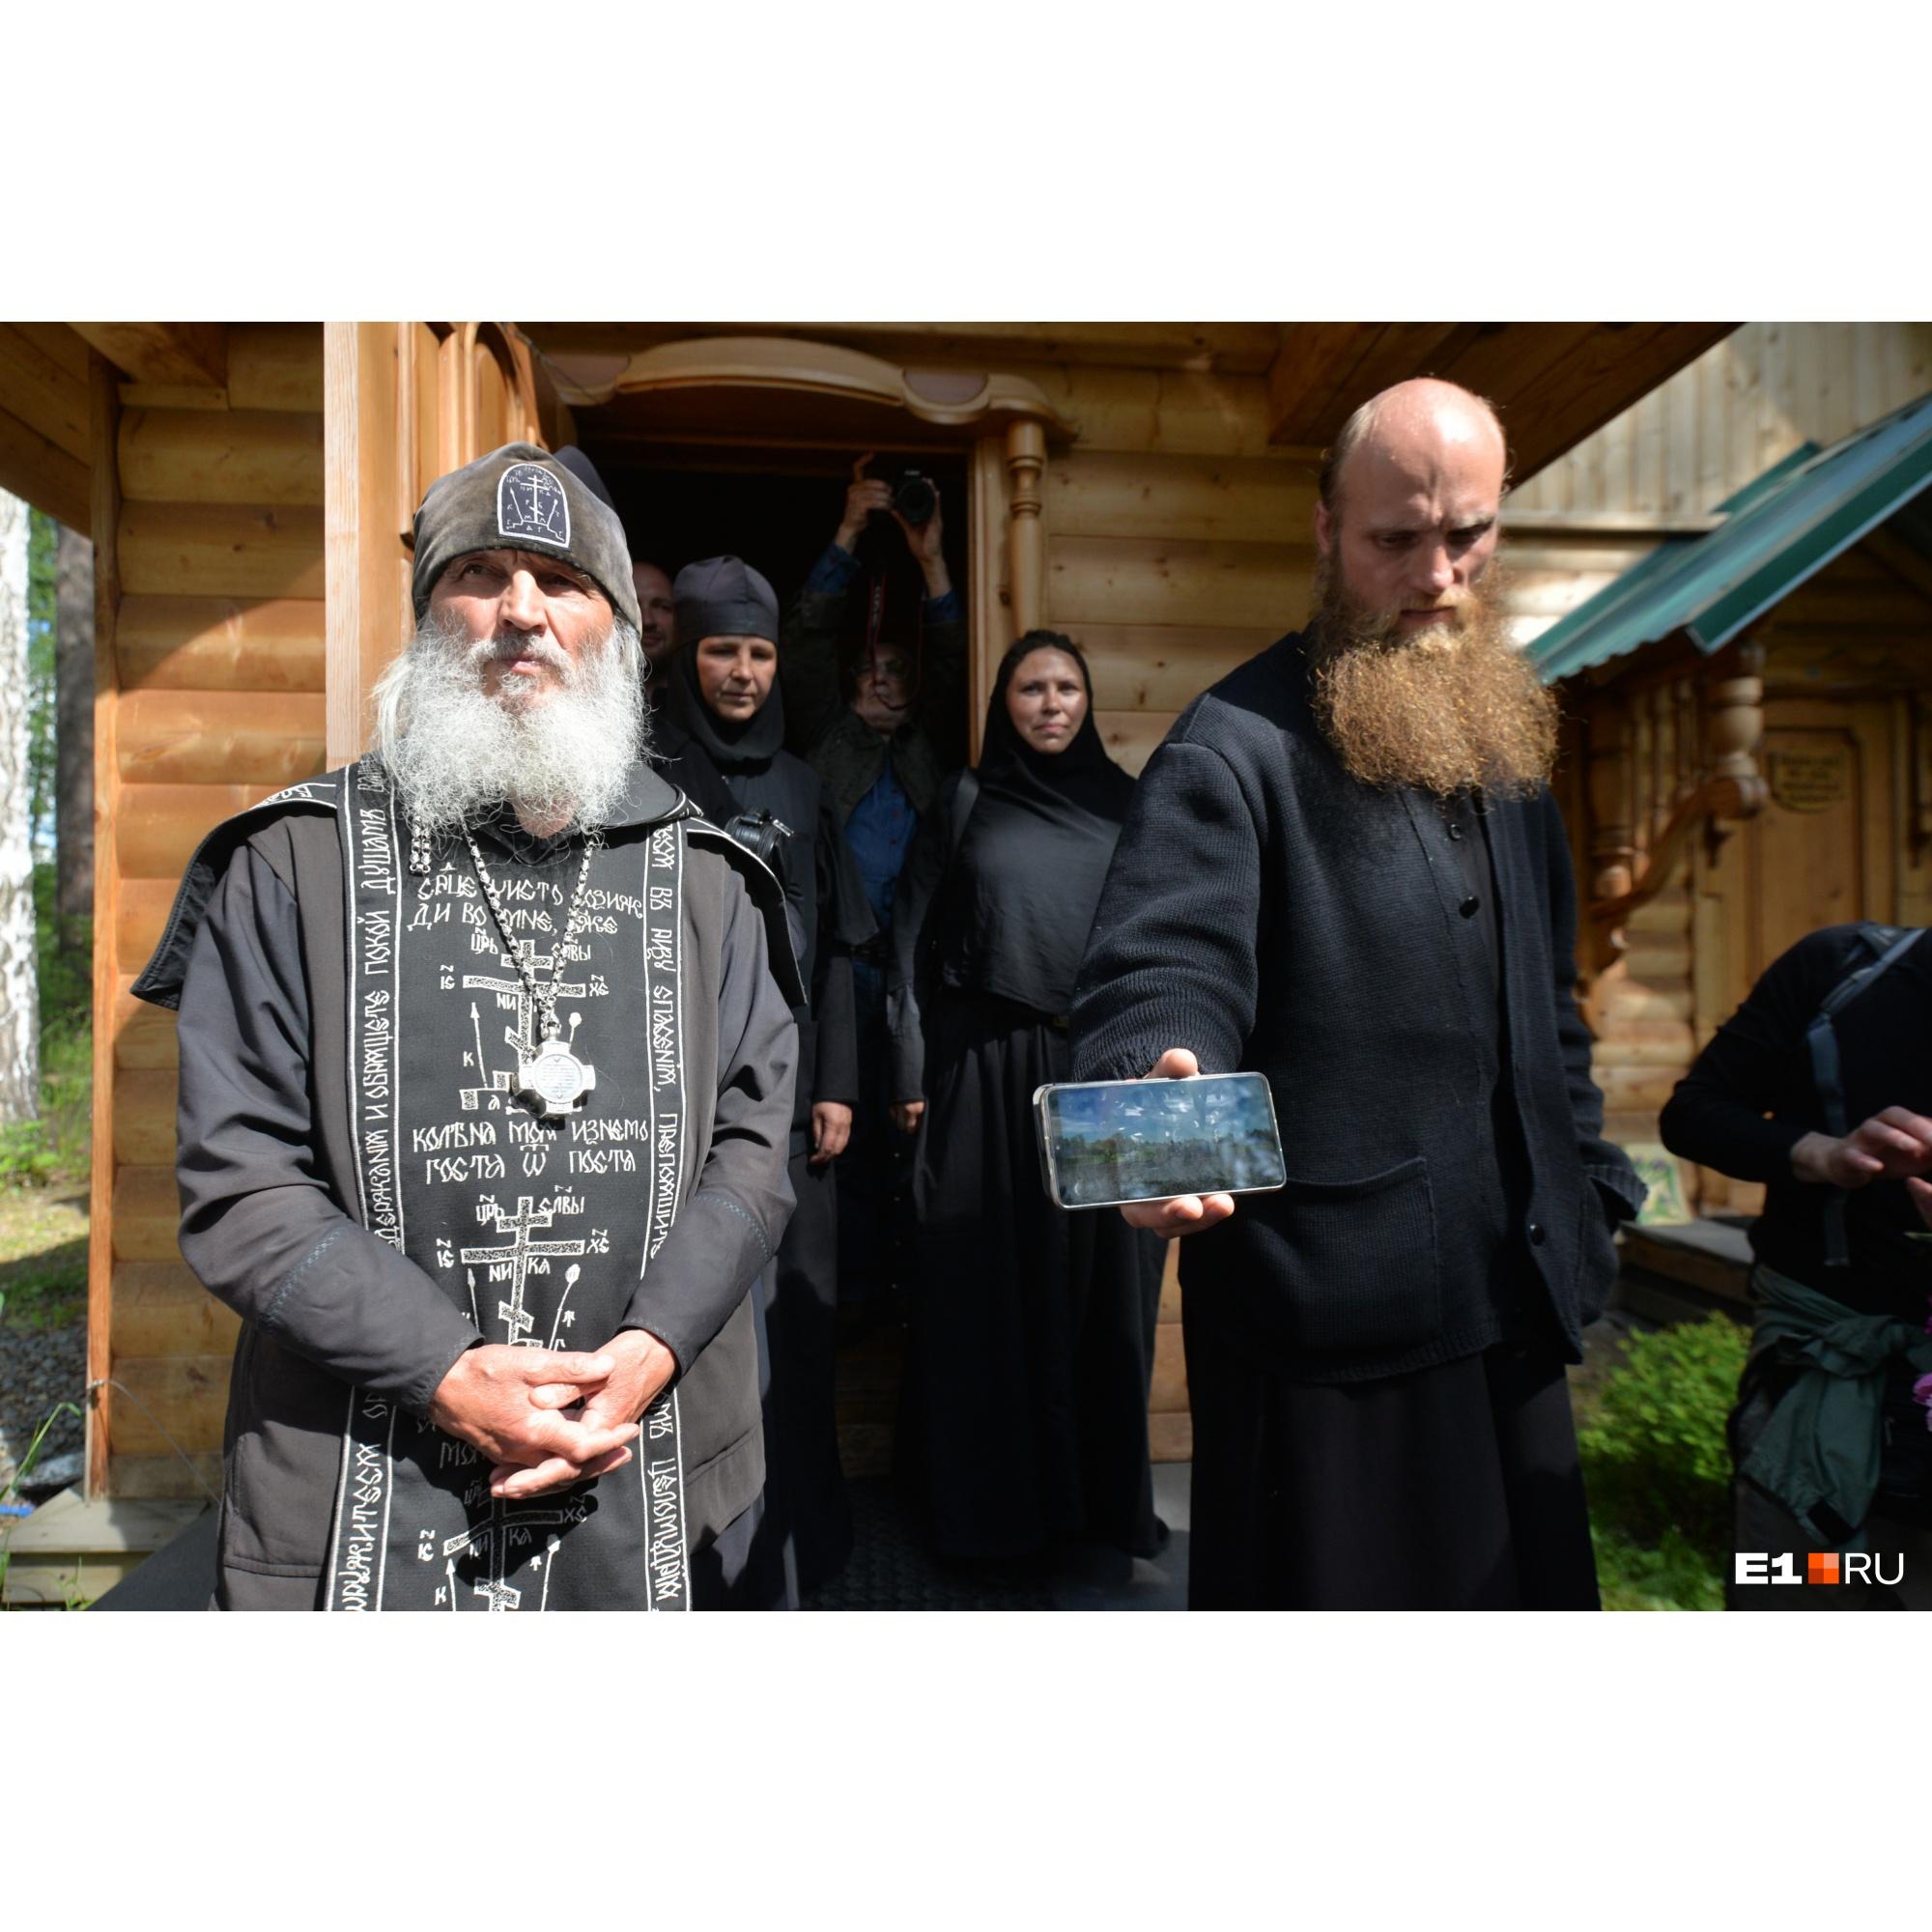 Отец Сергий у своей кельи. Внутри портреты патриарха Алексия II соседствуют с фотографиями Сталина